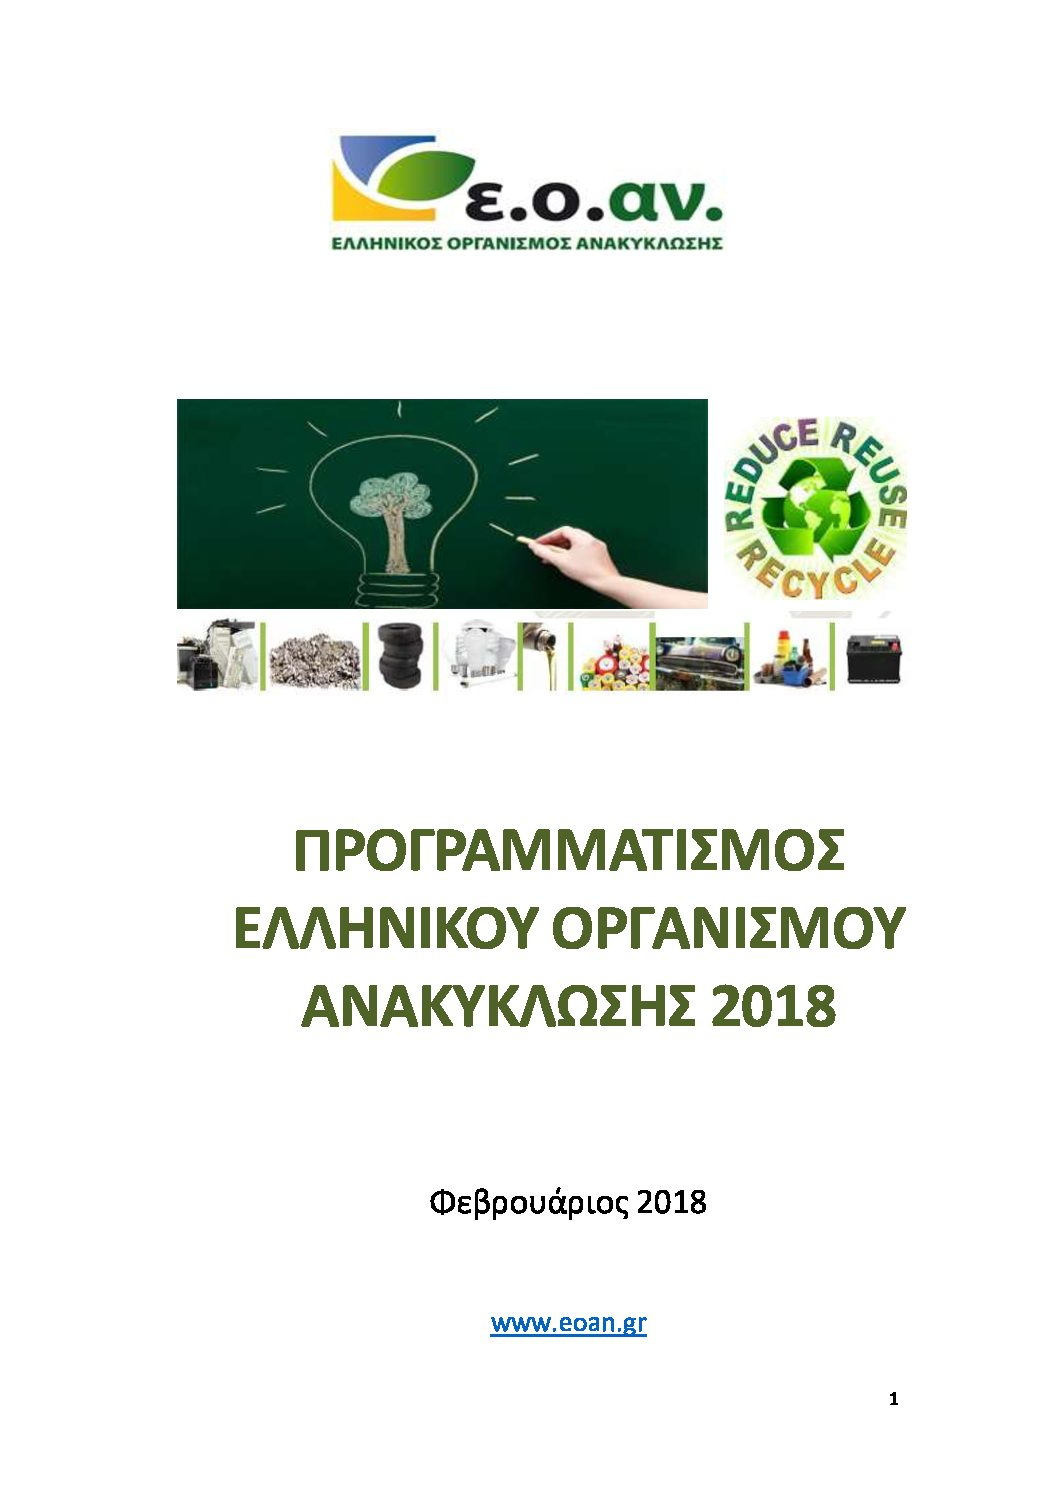 ΠΡΟΓΡΑΜΜΑΤΙΚΗ ΕΚΘΕΣΗ EOAN 2018